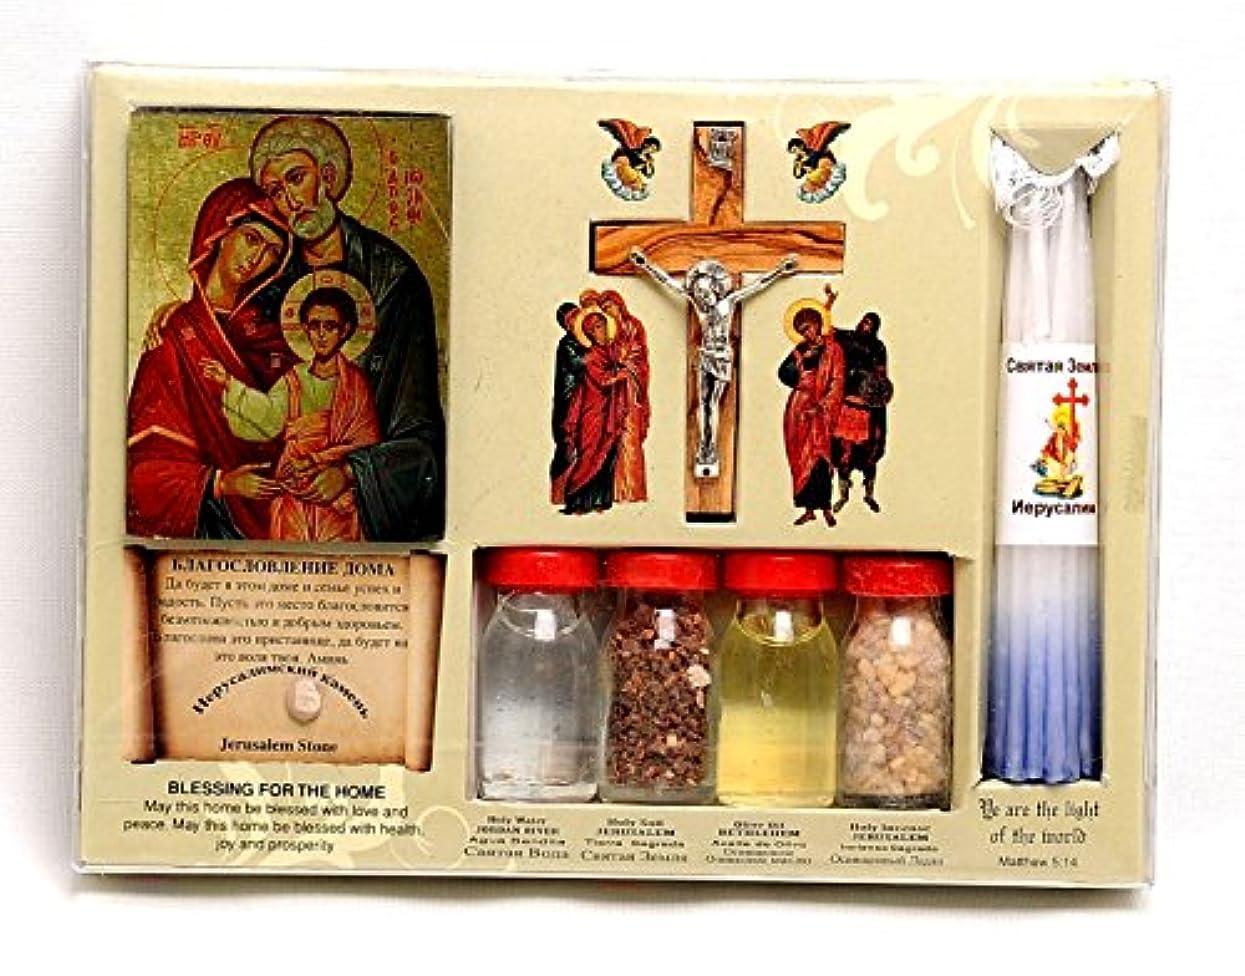 ディスコ発行一般ホーム祝福キットボトル、クロス&キャンドルから聖地エルサレム